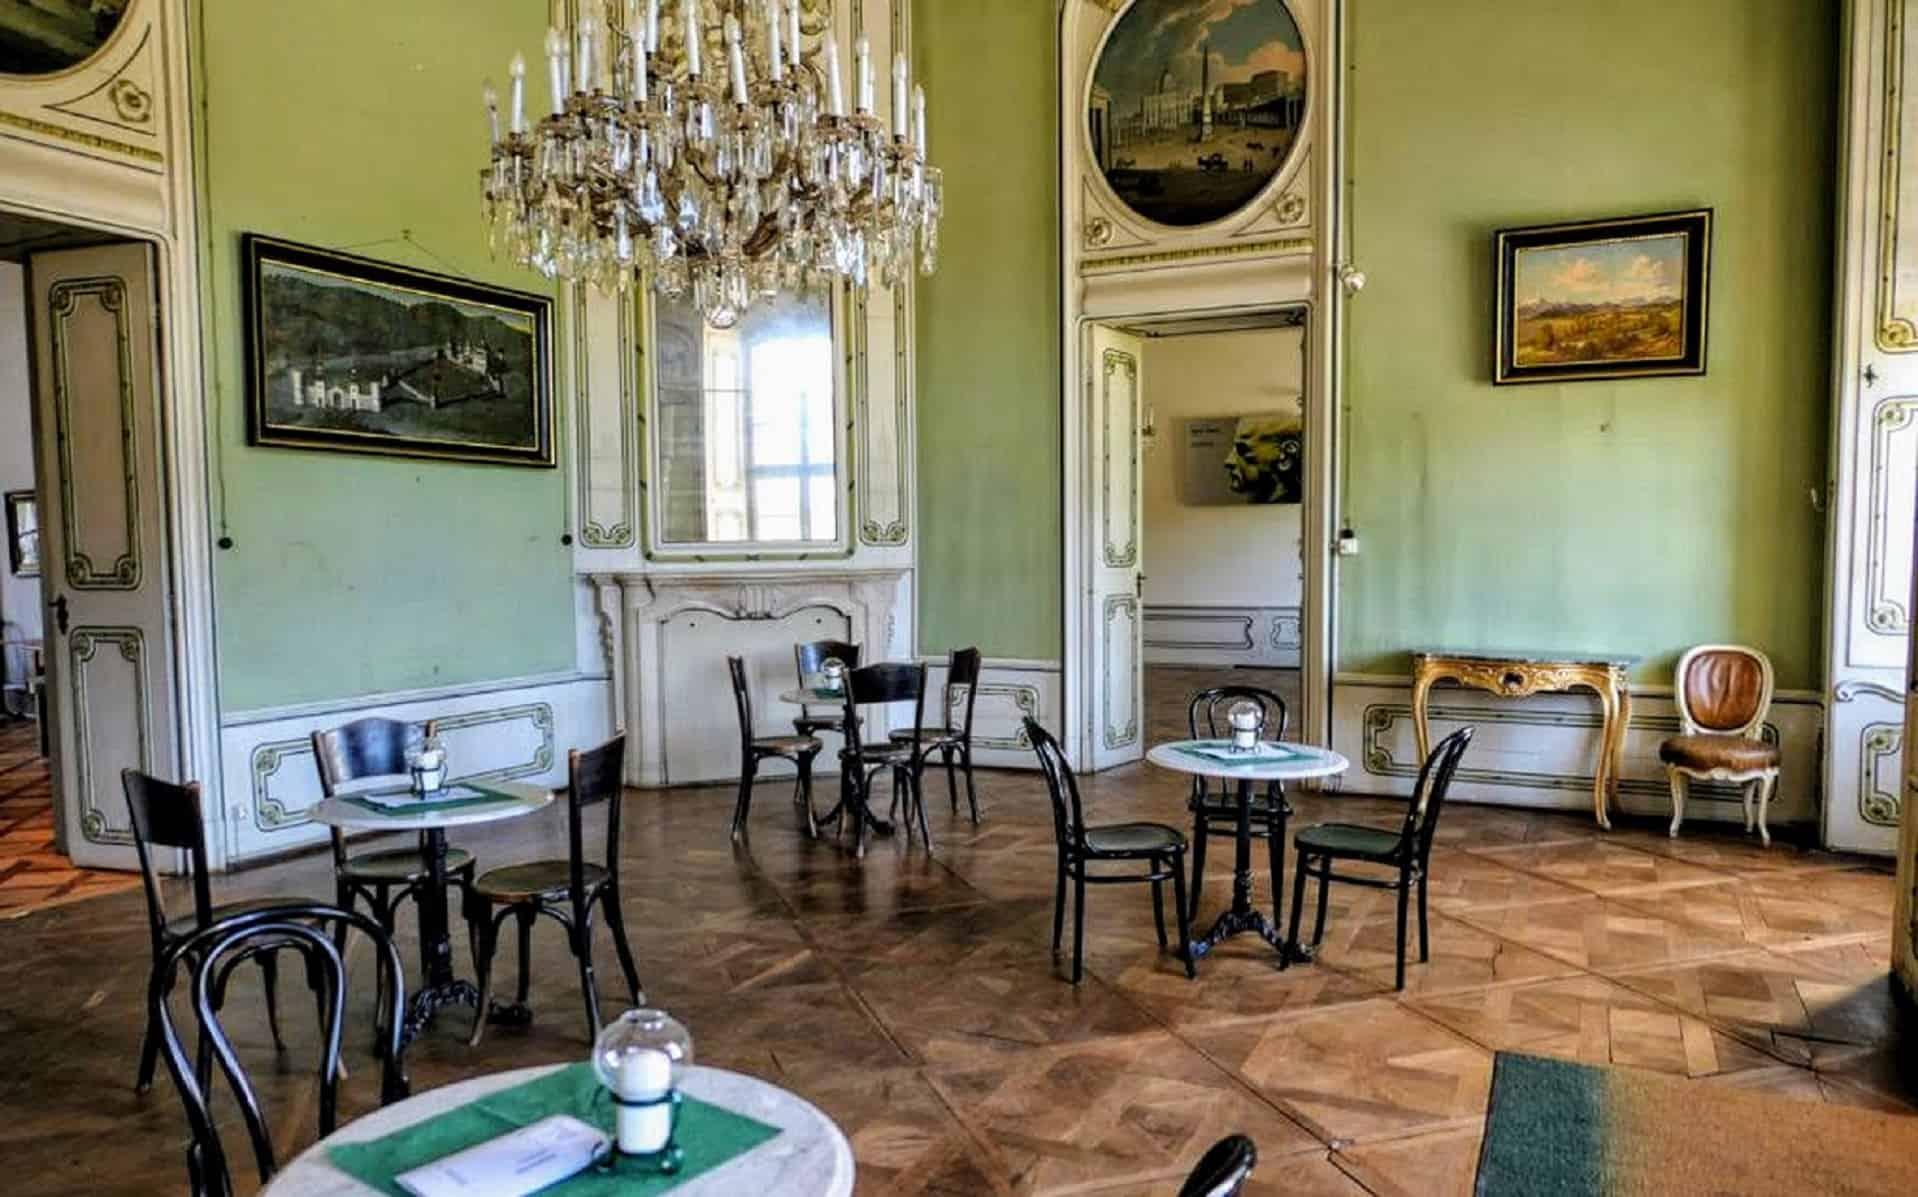 Schlosscafè Nähe Velden am Wörthersee - Innenansicht